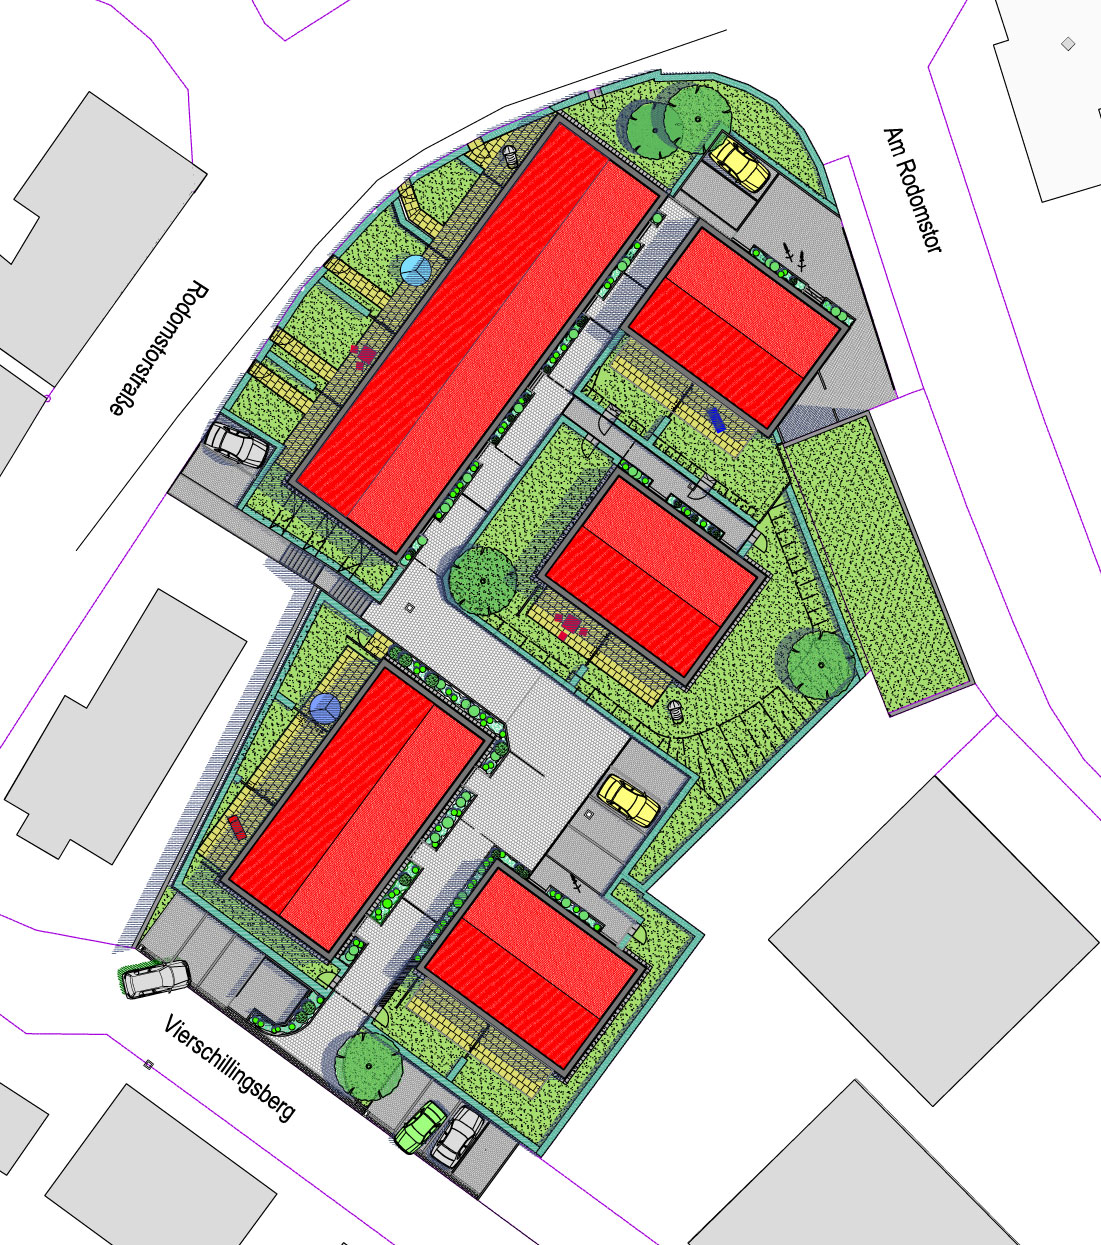 Neubau Einer Wohnsiedlung, Planung Der Infrastruktur